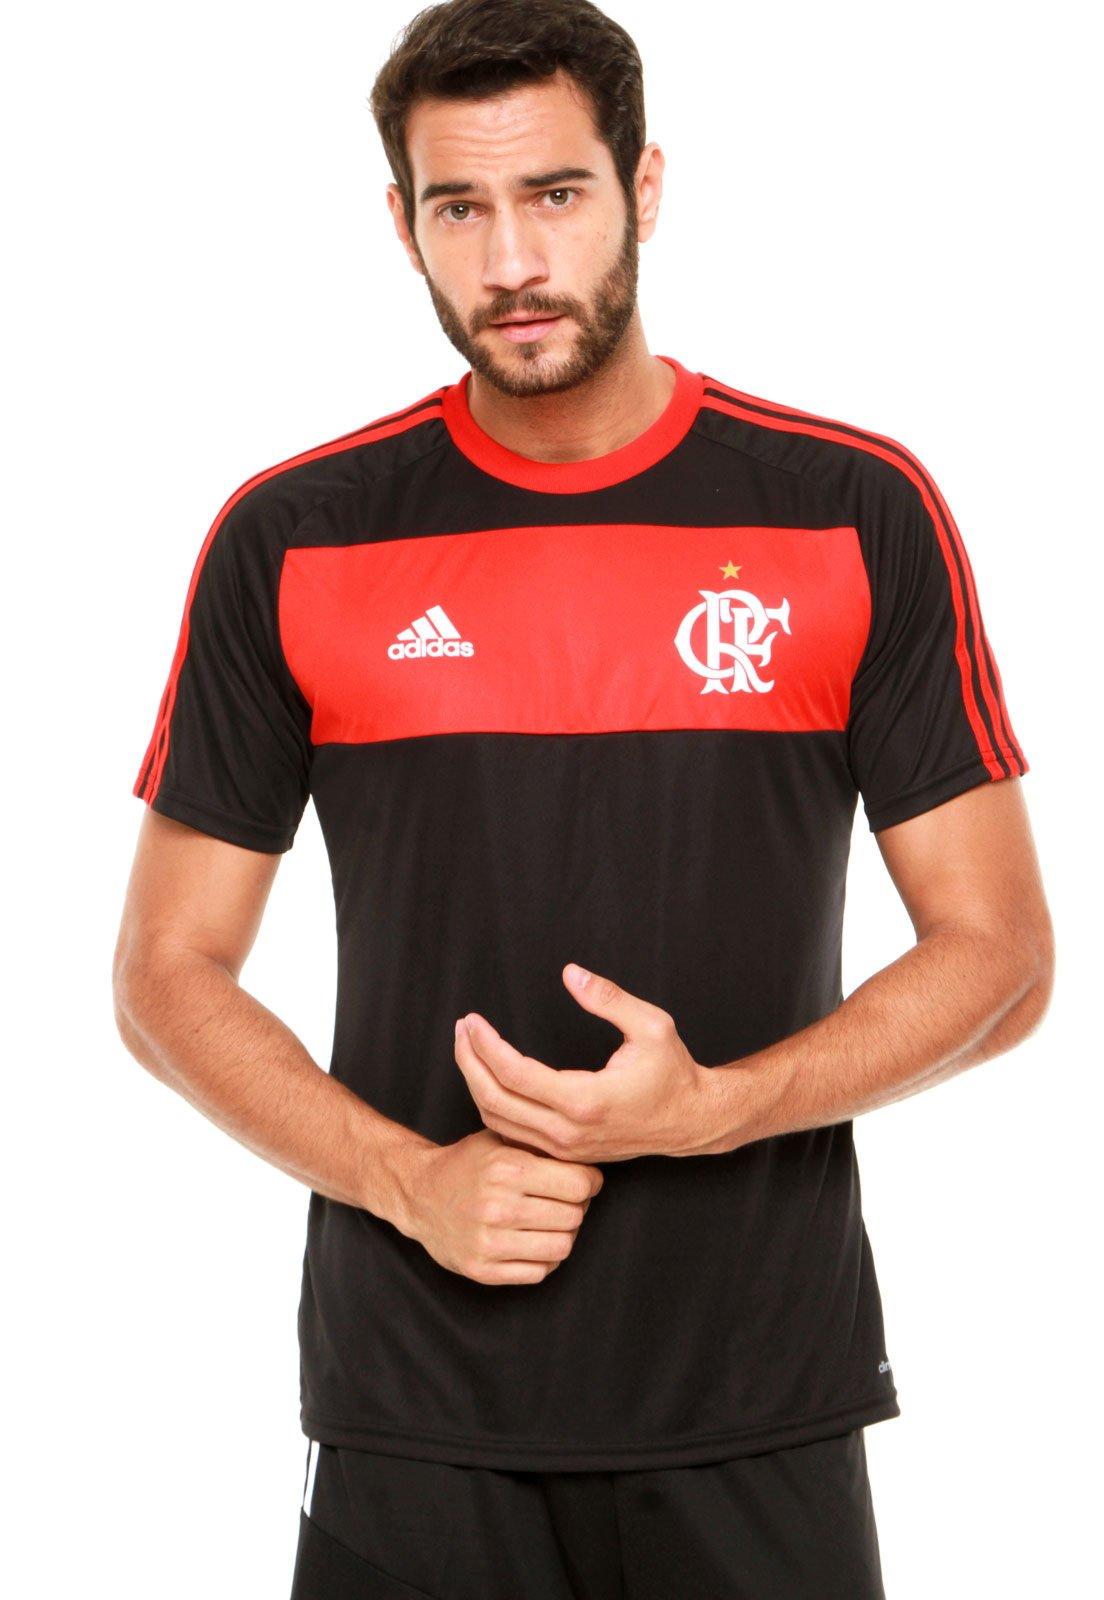 894b807d62 Camisa adidas Flamengo I Preta Vermelha - Compre Agora